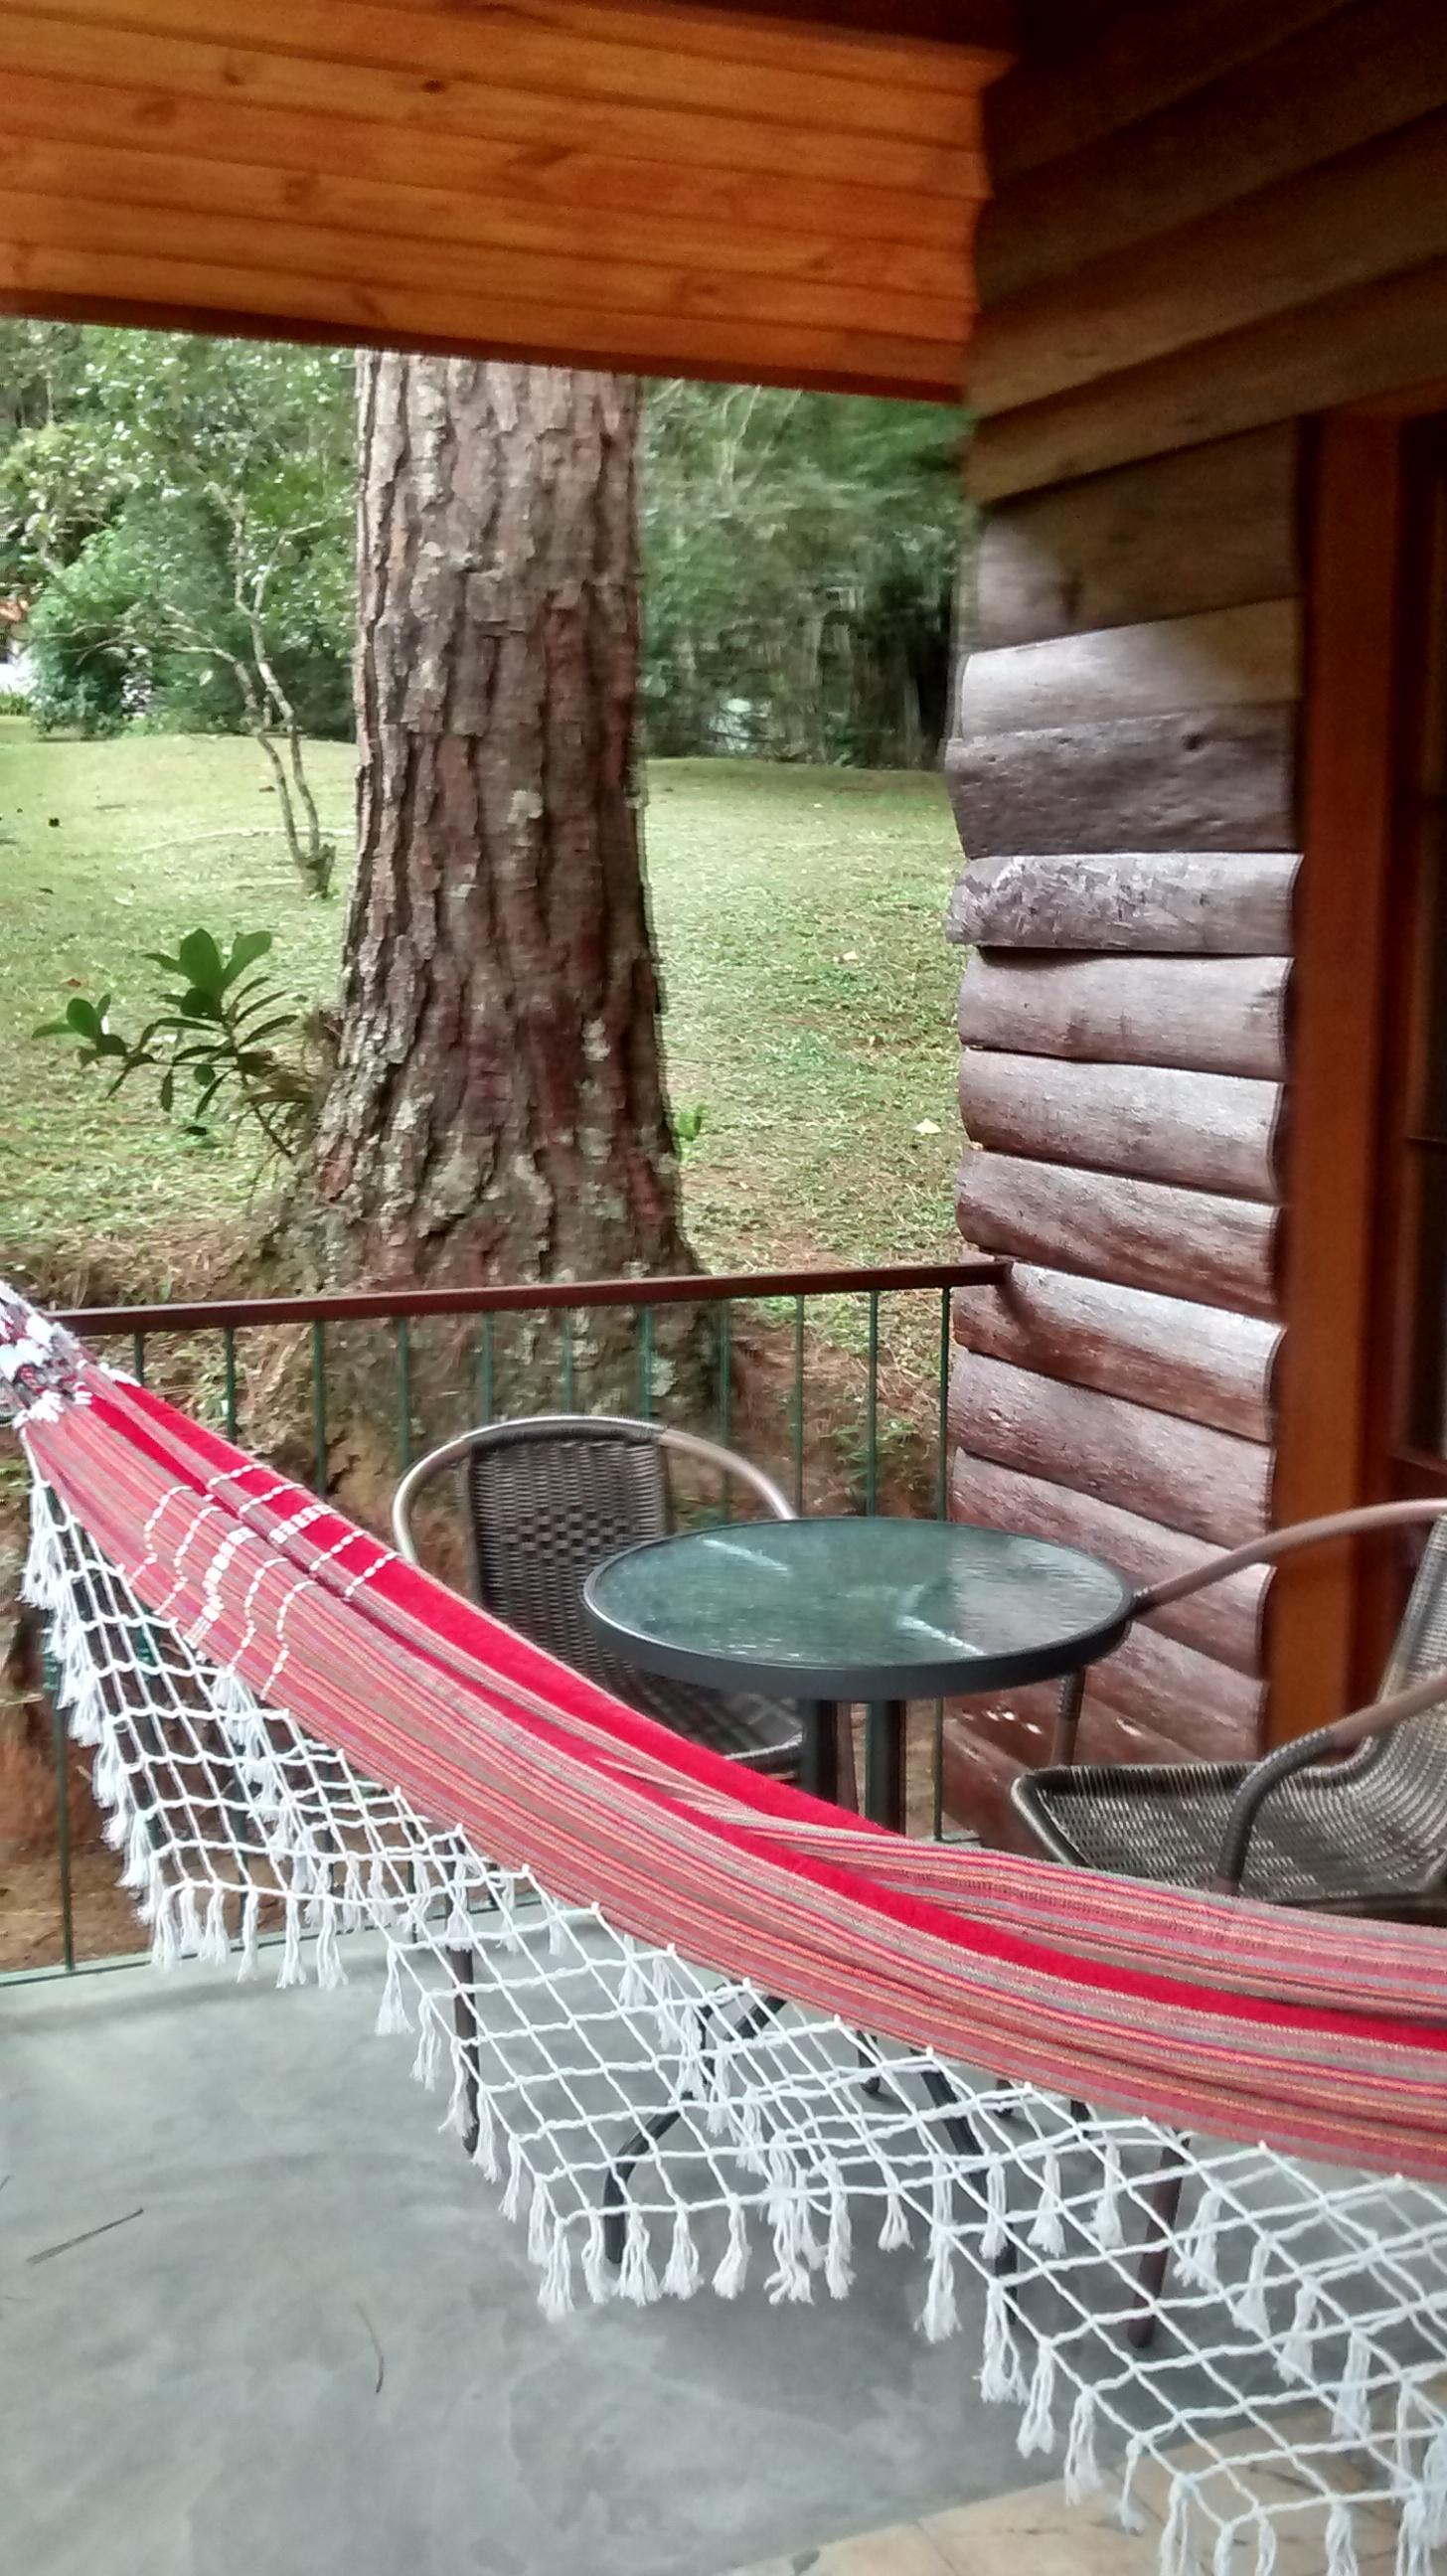 Imagens de #7C4020 Chalé Cabana do Pica Pau do Campo Refugio Ecológico Amadamata 1456x2592 px 2816 Box Banheiro Macae